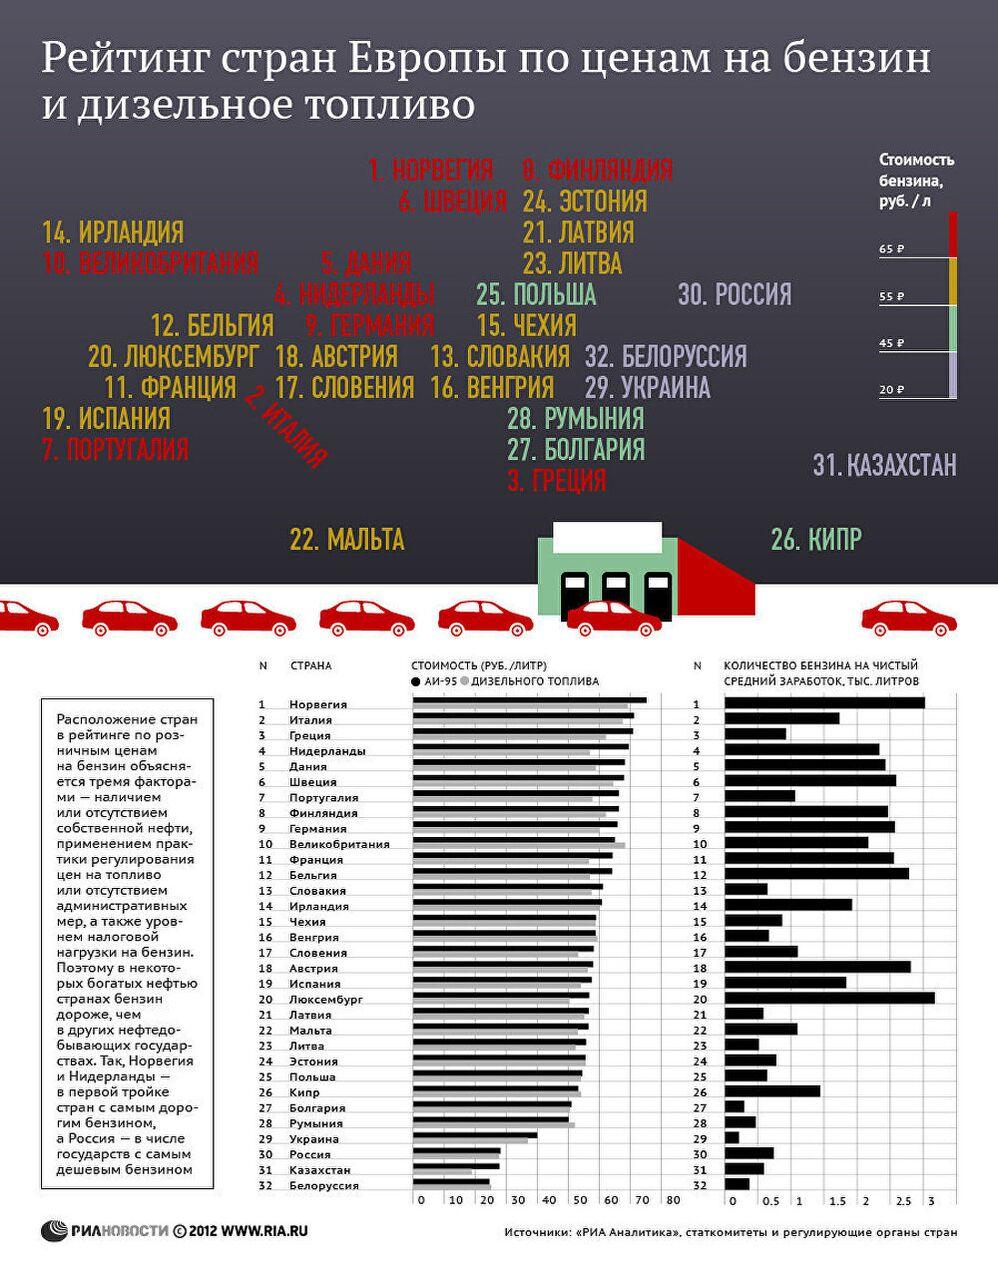 Рейтинг стран по ценам на бензин и дизельное топливо